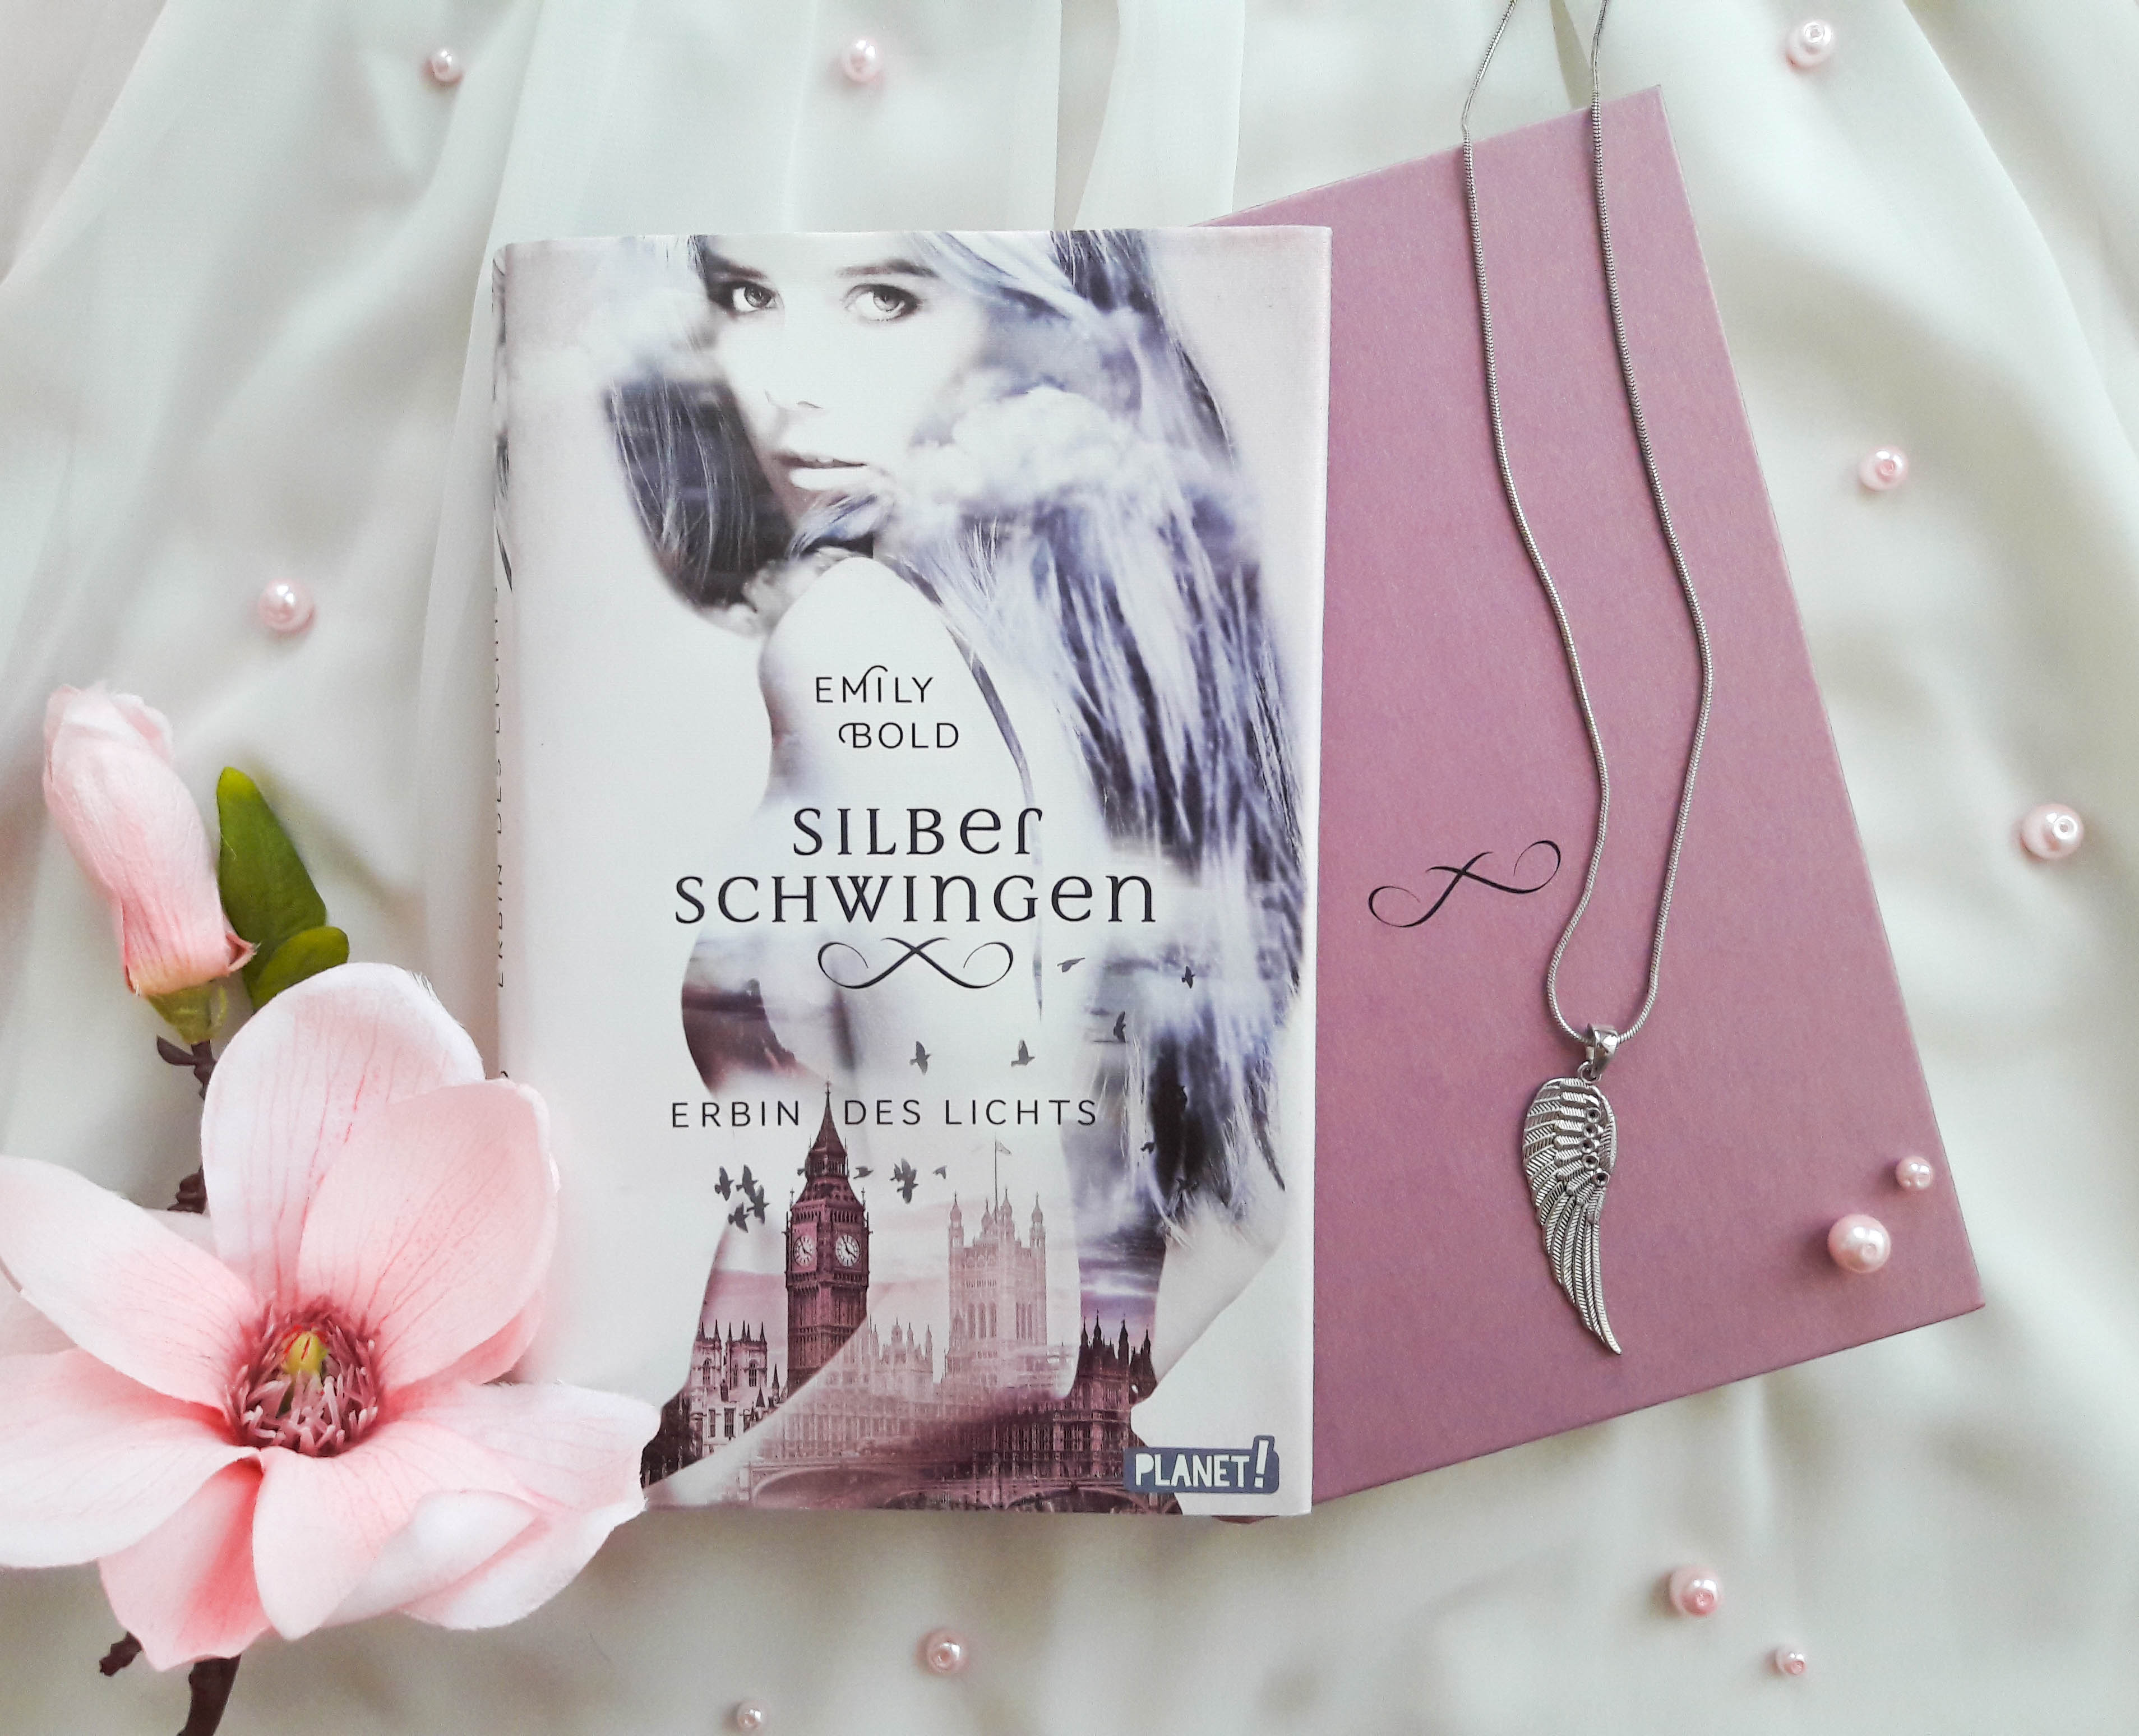 Silberschwingen 1: Erbin des Lichts – Emily Bold graphic